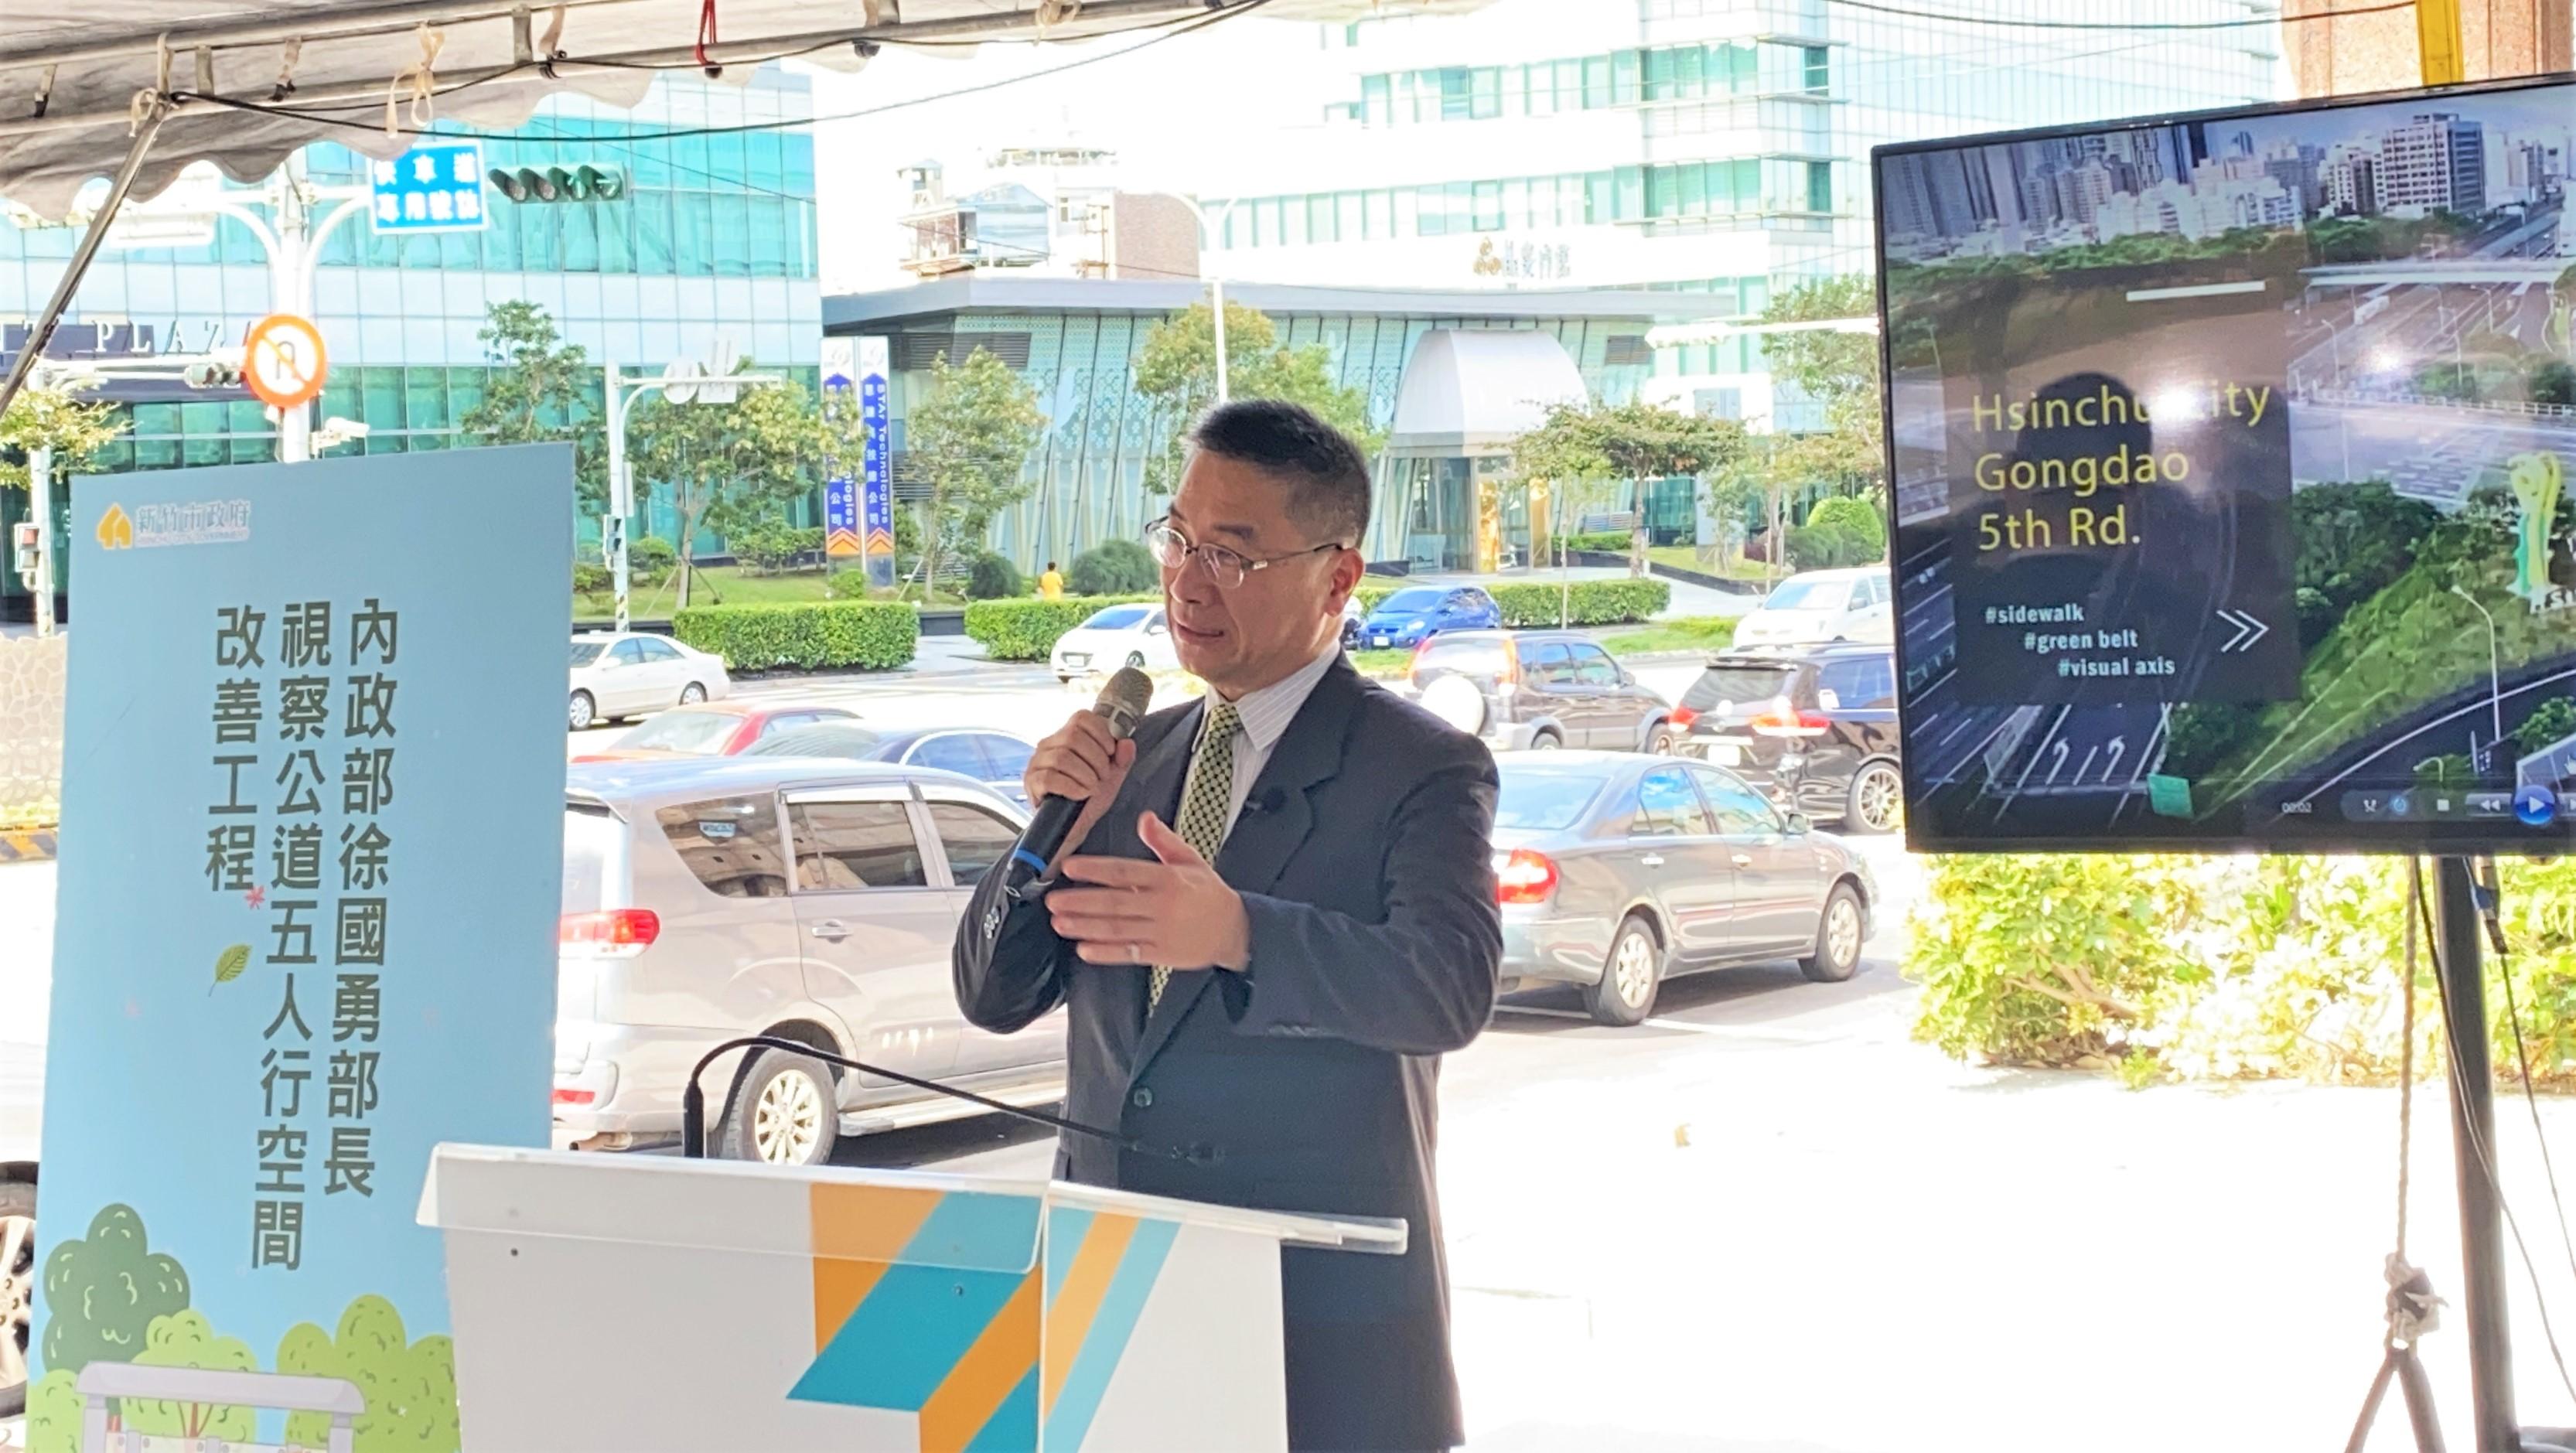 徐國勇表示,未來中央與地方將持續合作,將新竹市打造成具安全、美感且宜居的魅力城市。